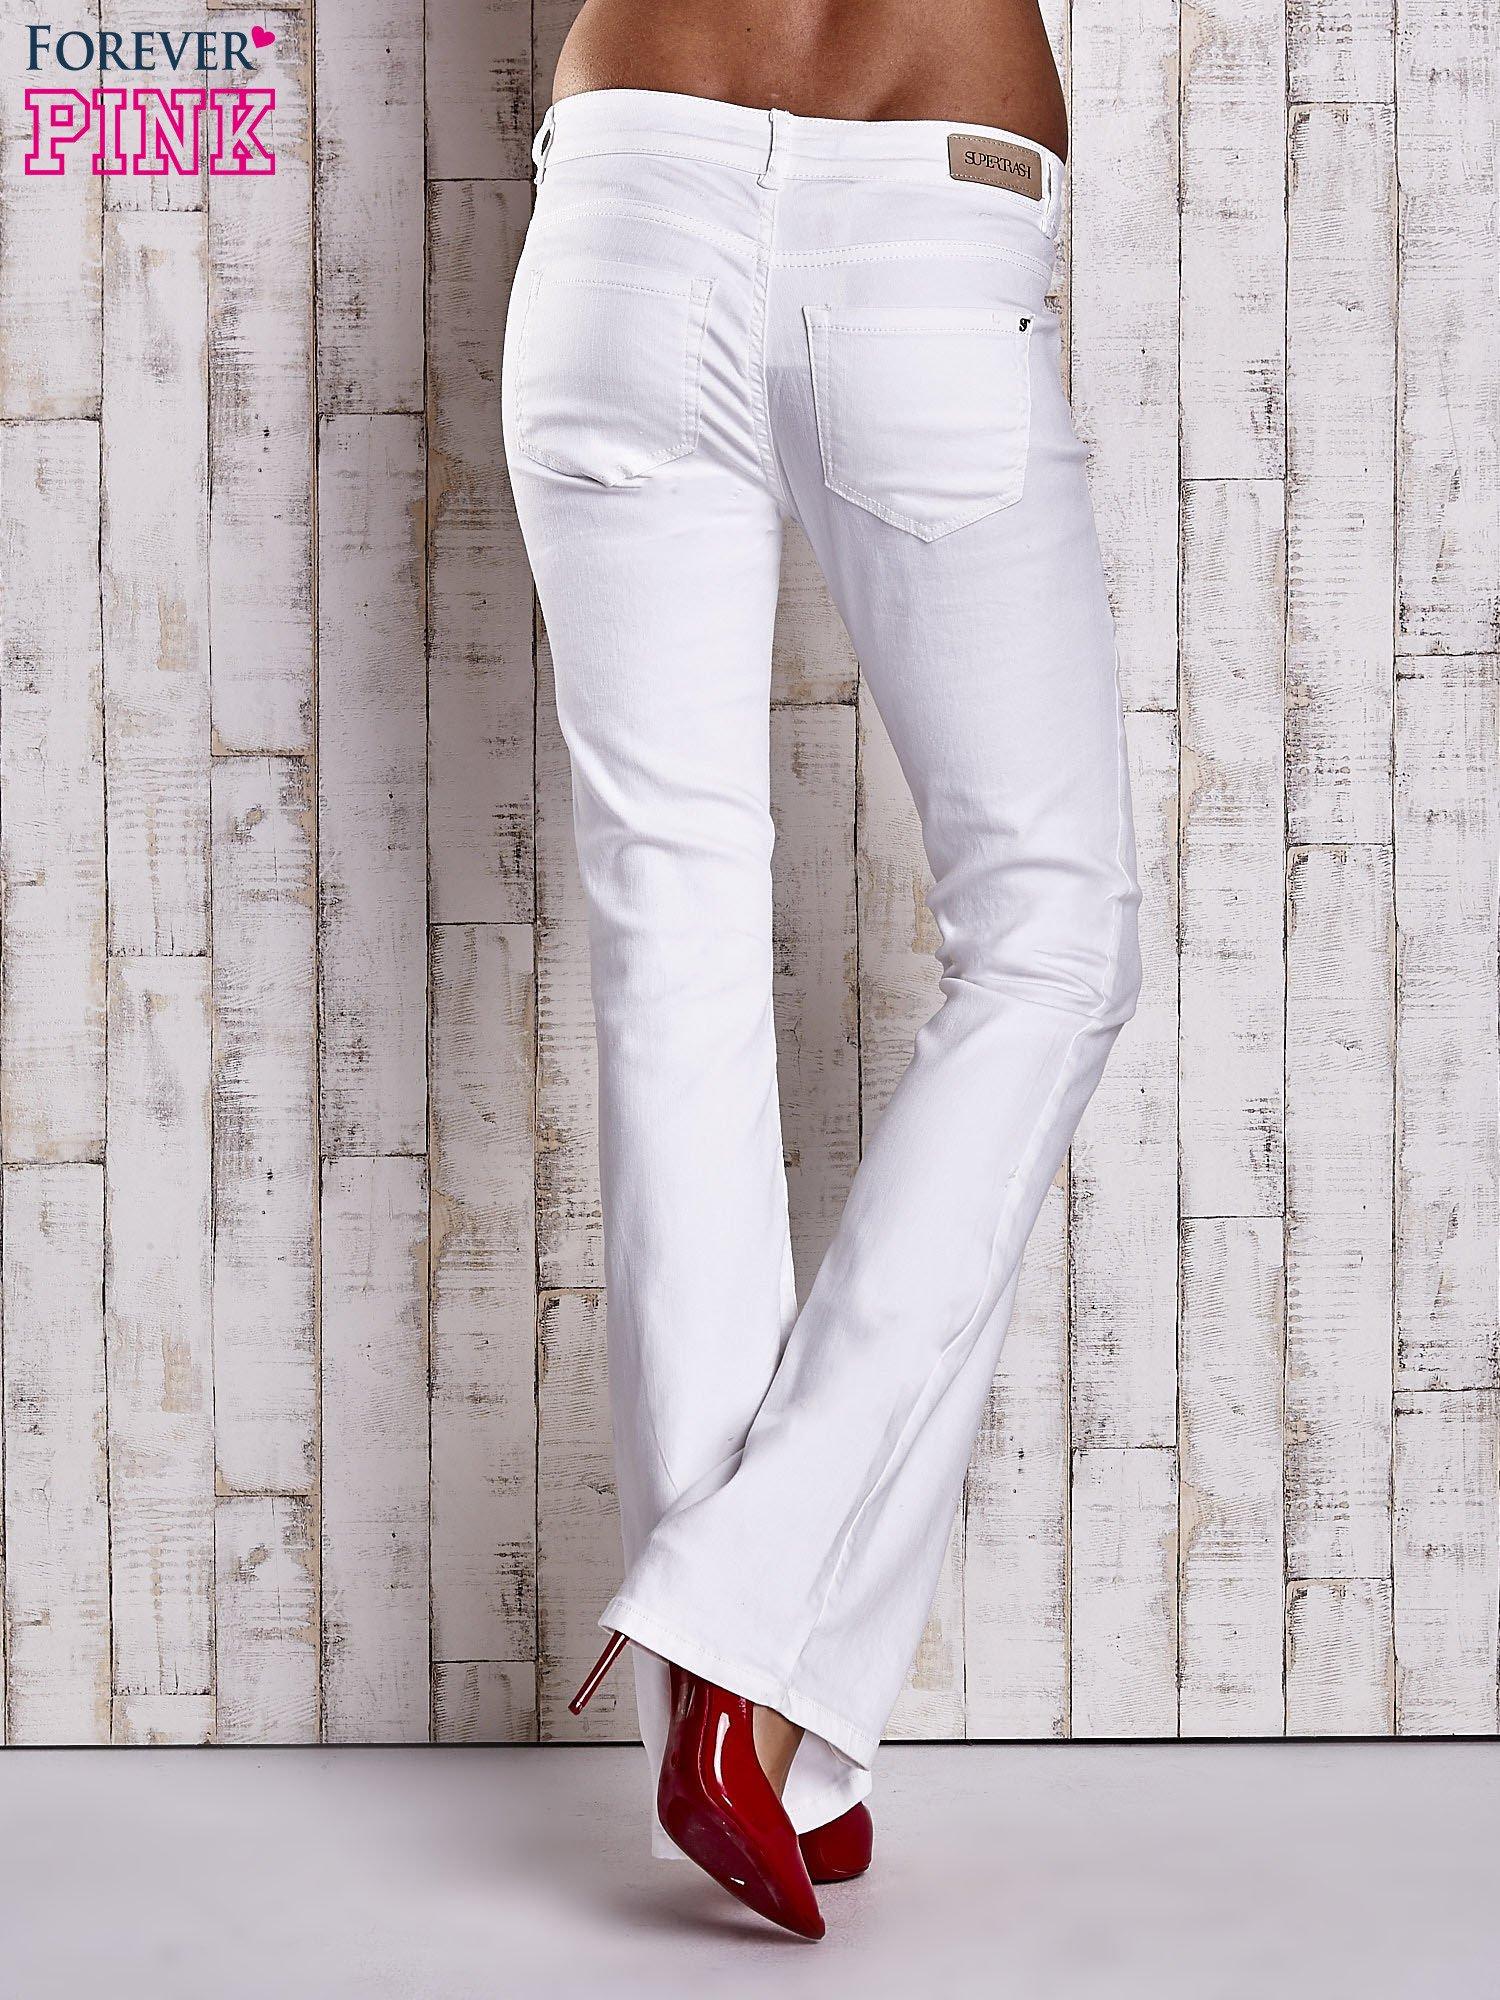 b16f0003a08ad Białe spodnie jeansowe flared - Spodnie jeansowe - sklep eButik.pl